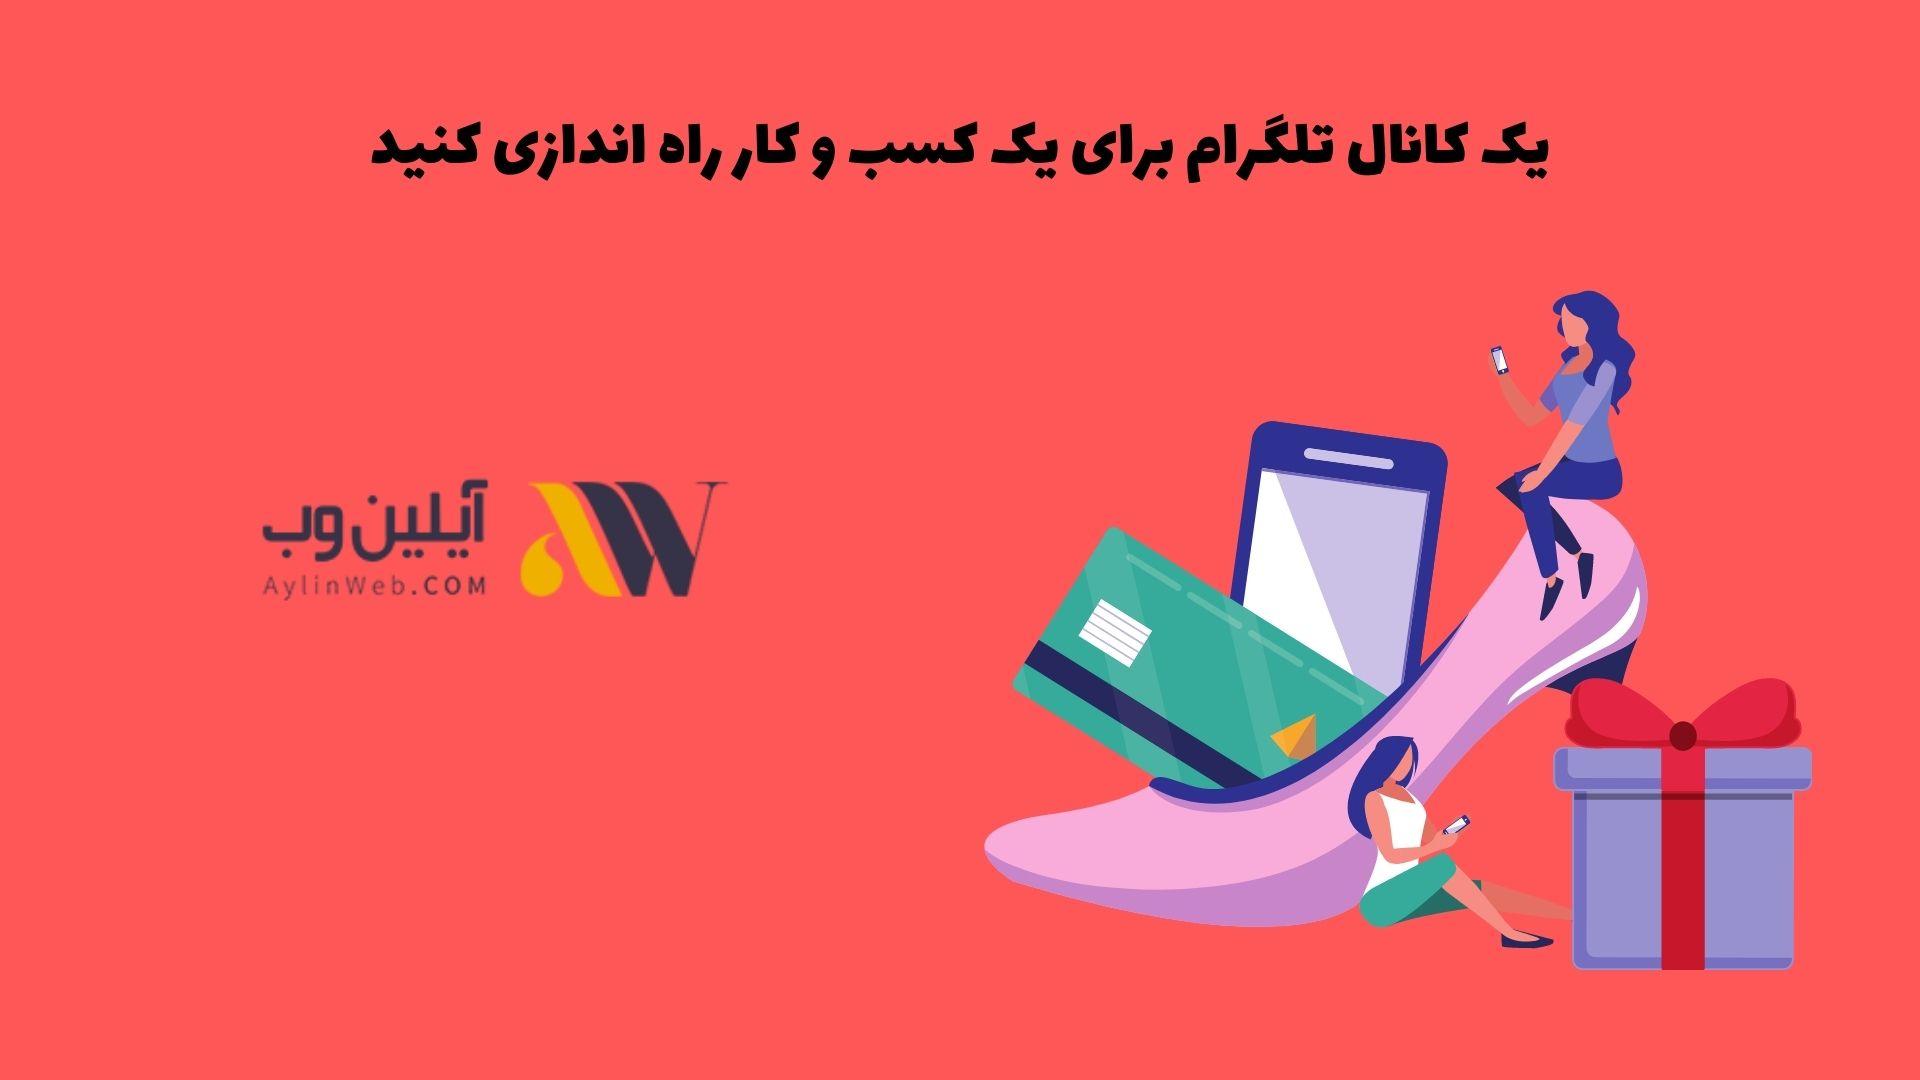 یک کانال تلگرام برای یک کسب و کار راه اندازی کنید